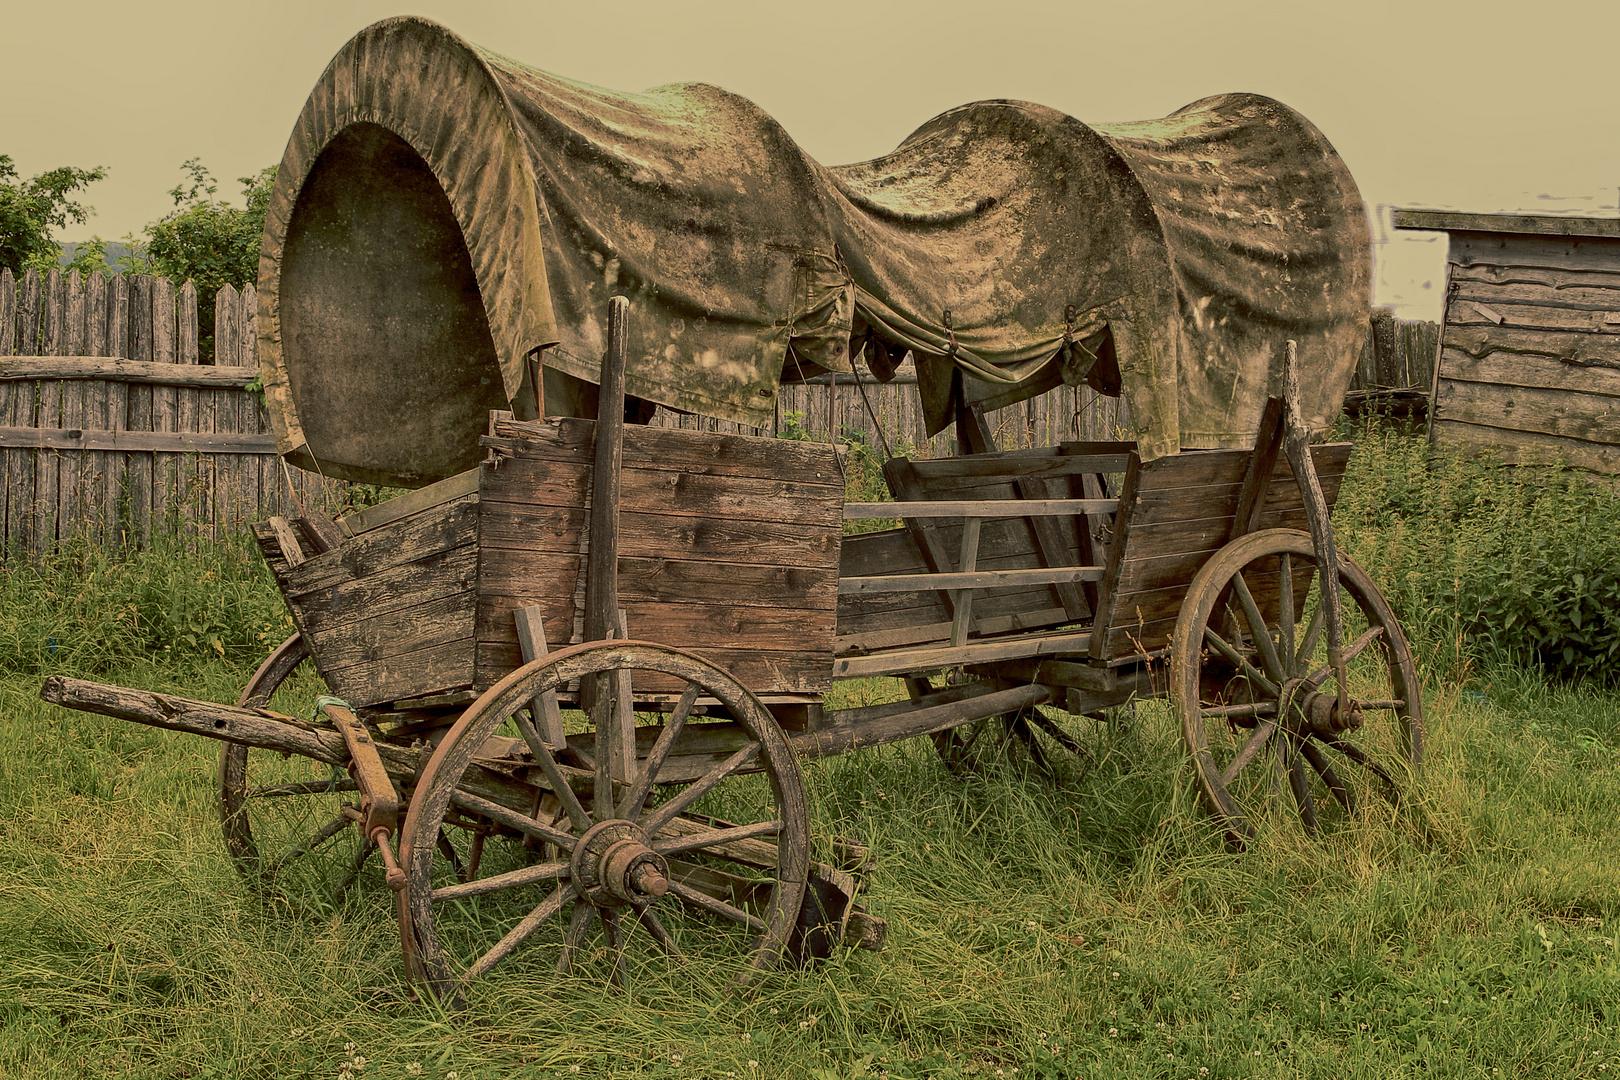 Planwagen Artefakt